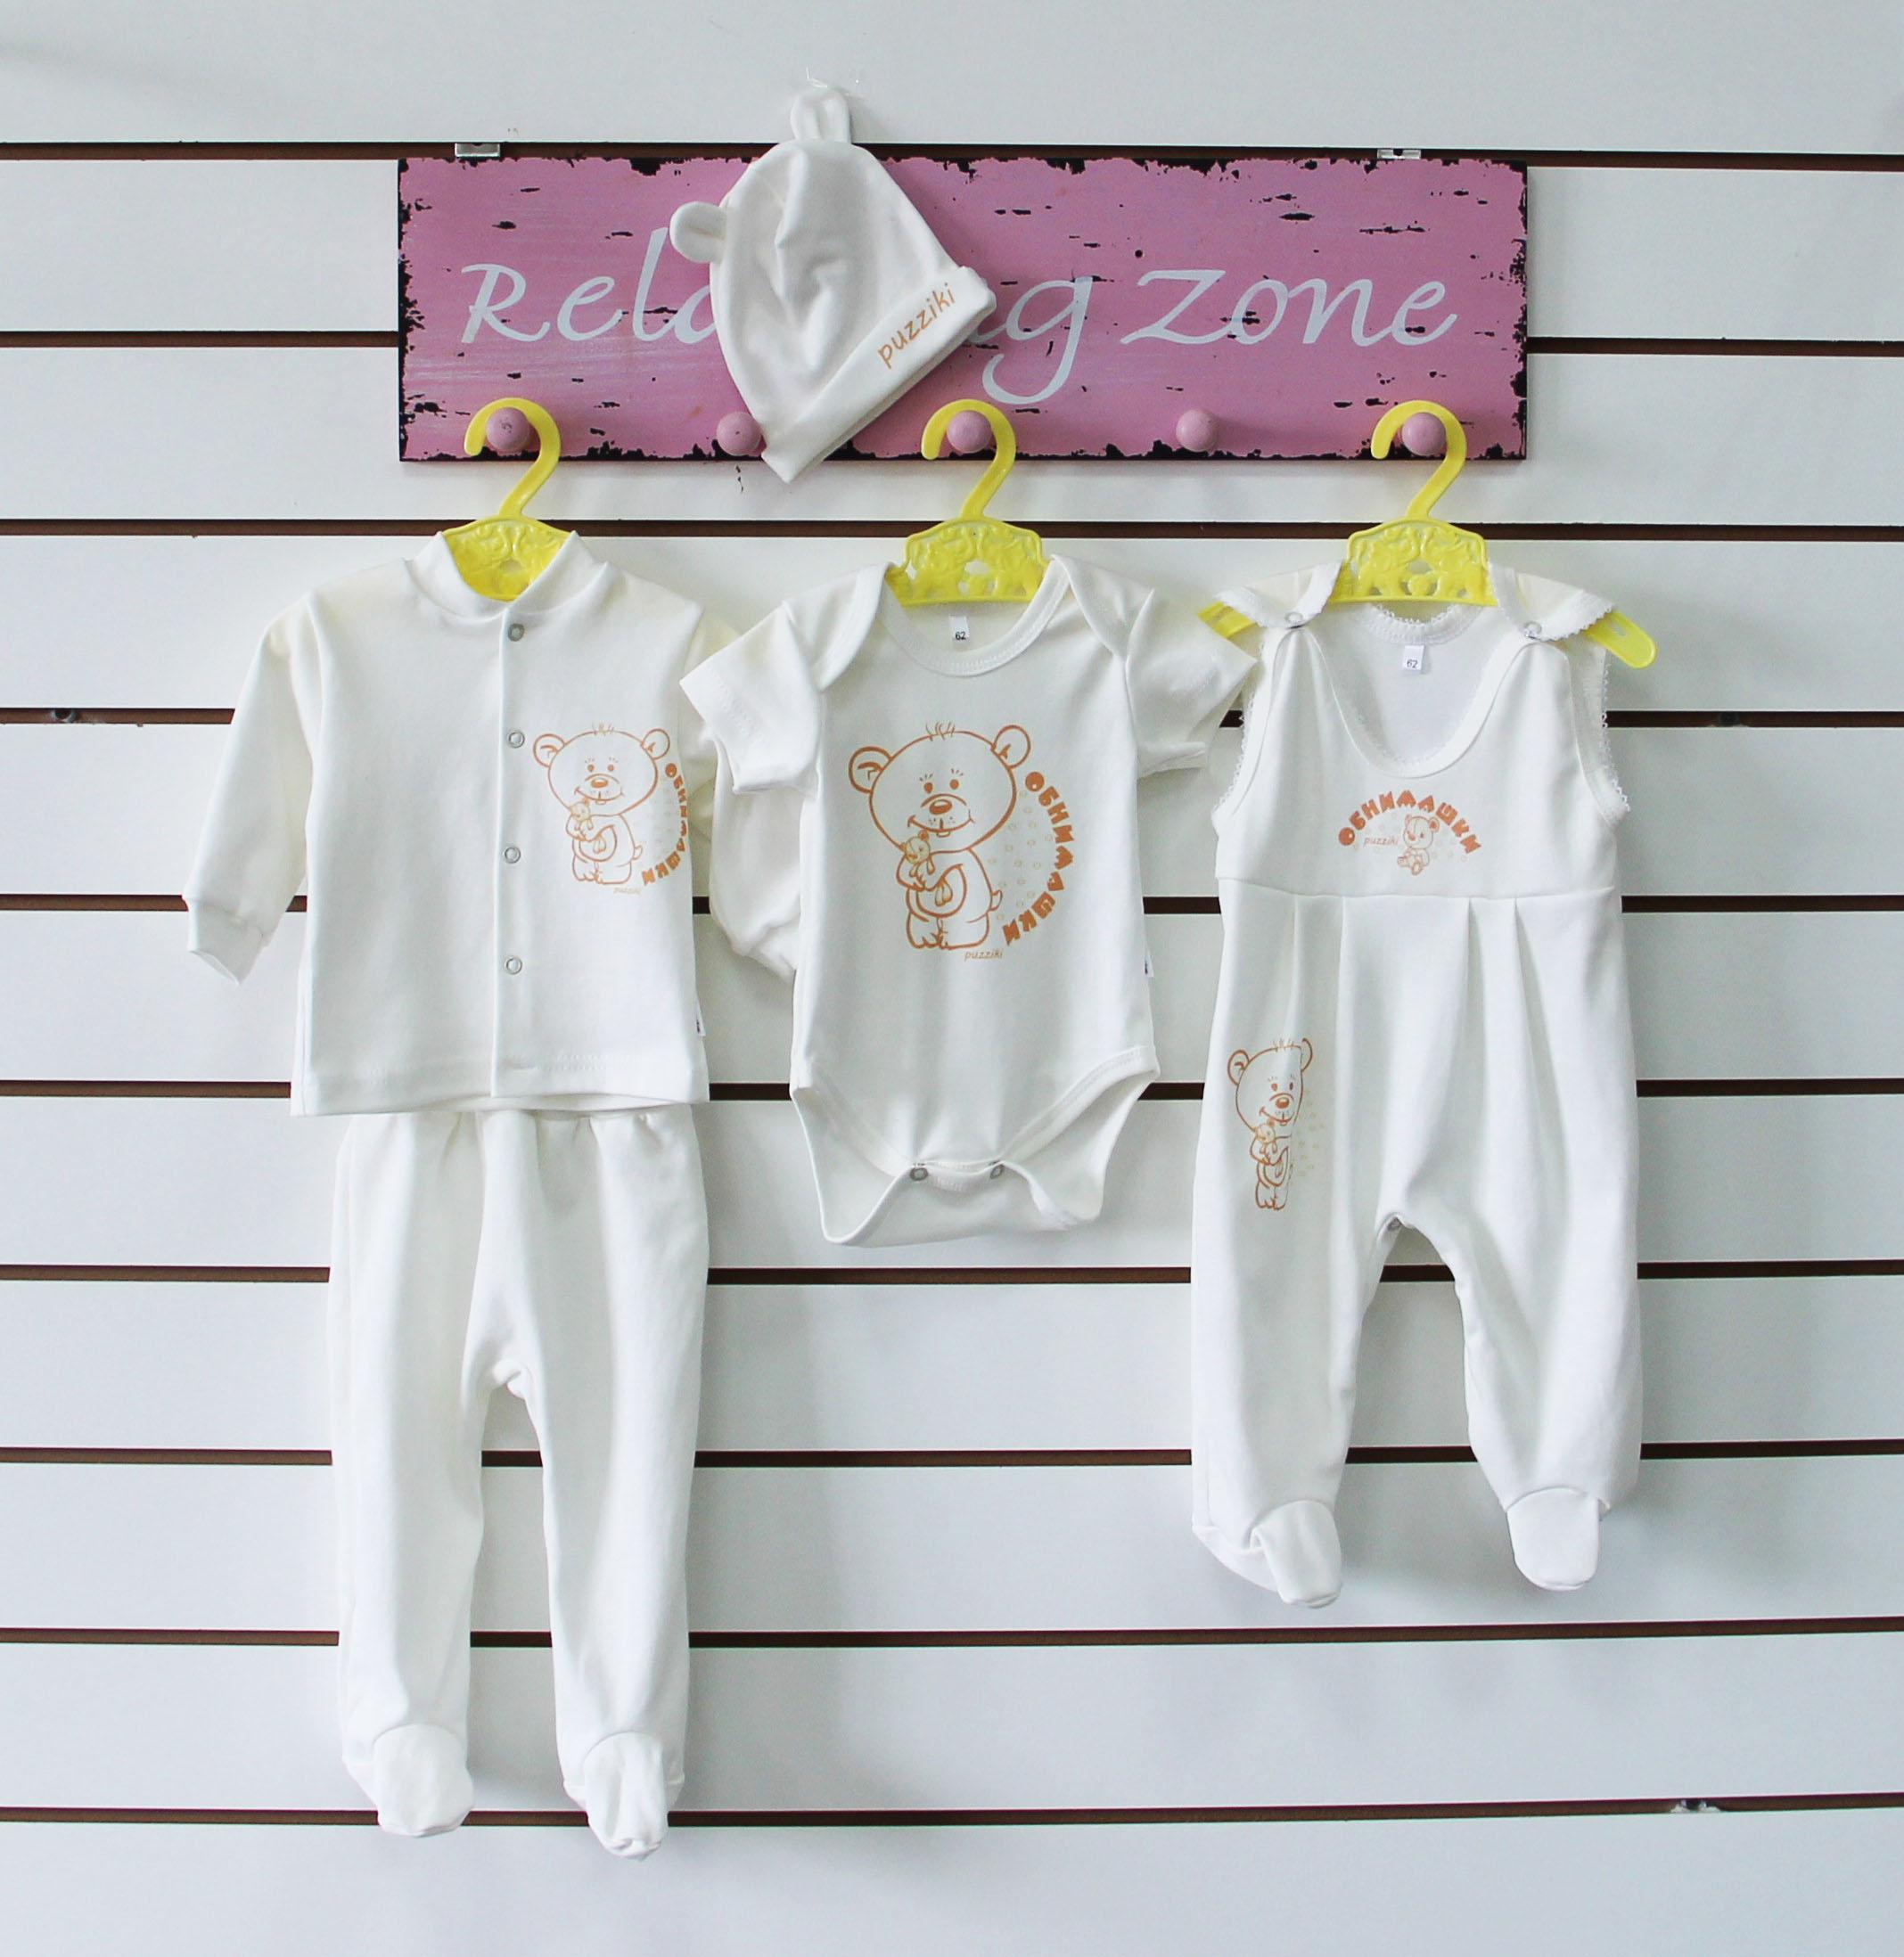 Комплект одежды для новорожденного ОбнимашкиКостюмы, комплекты одежды<br><br><br>Размер: 22 (рост 74 см)